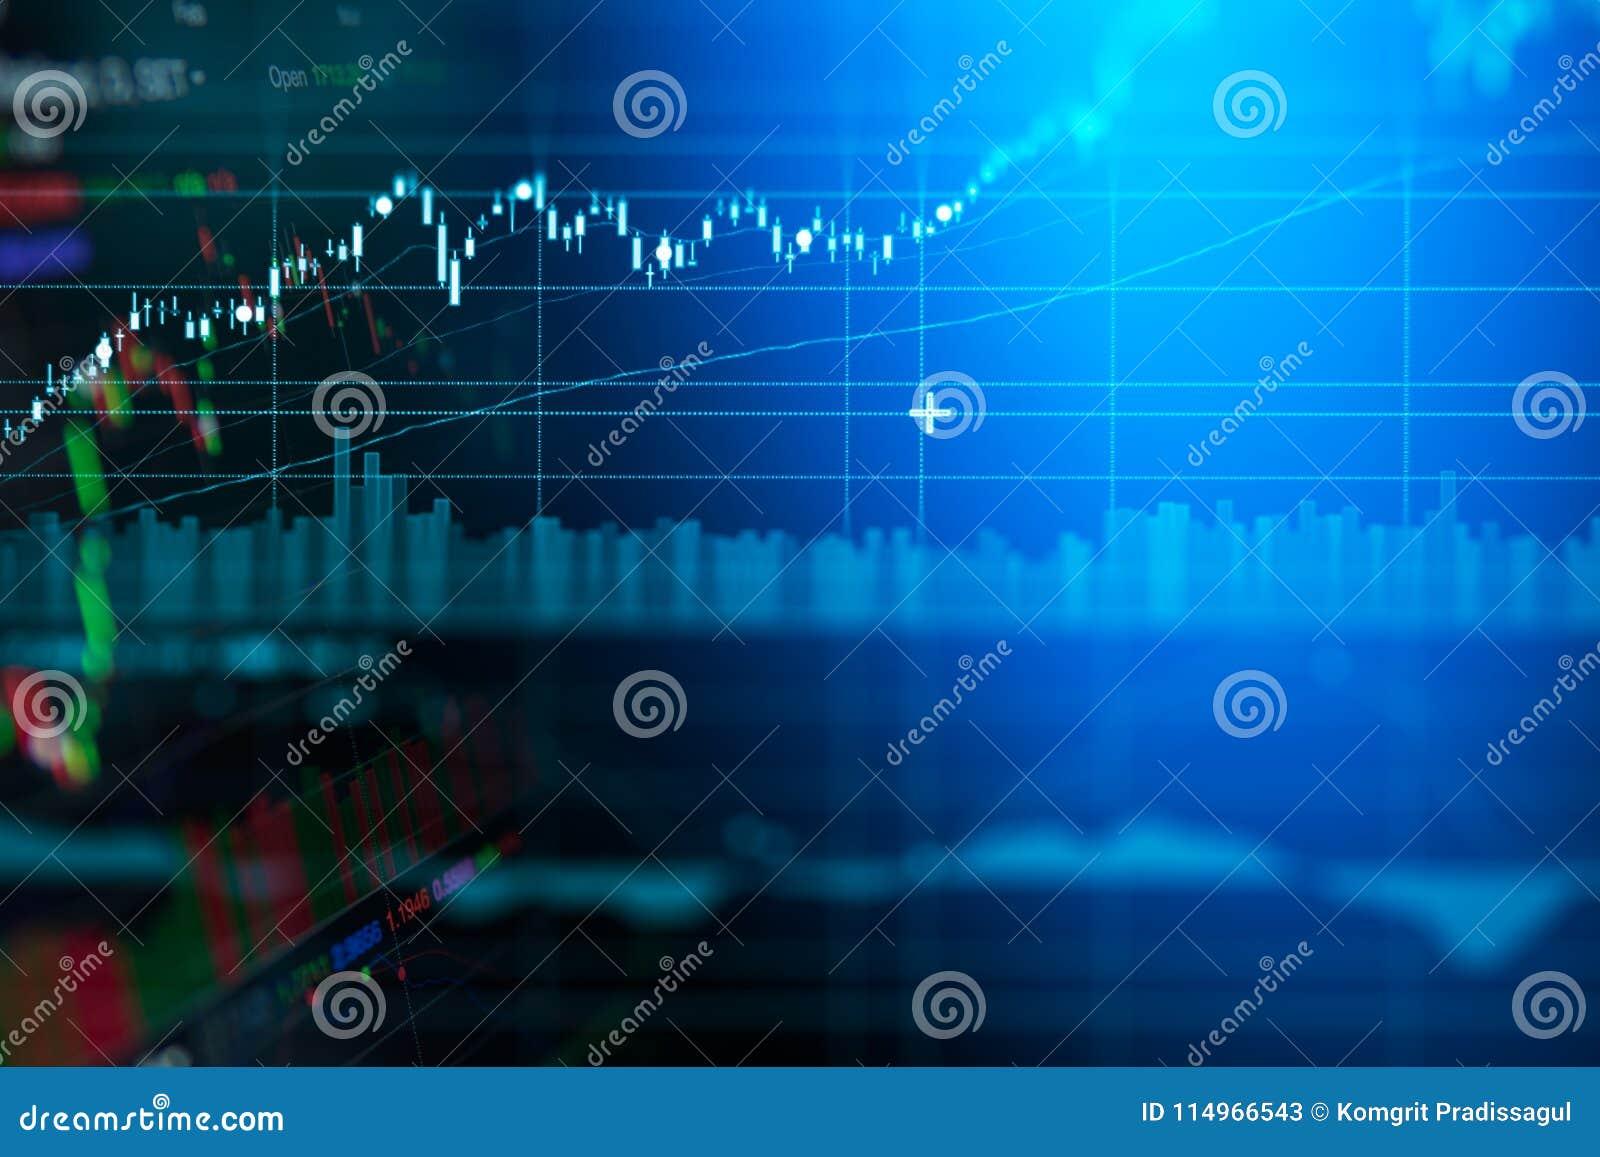 企业烛台股市投资贸易图表图